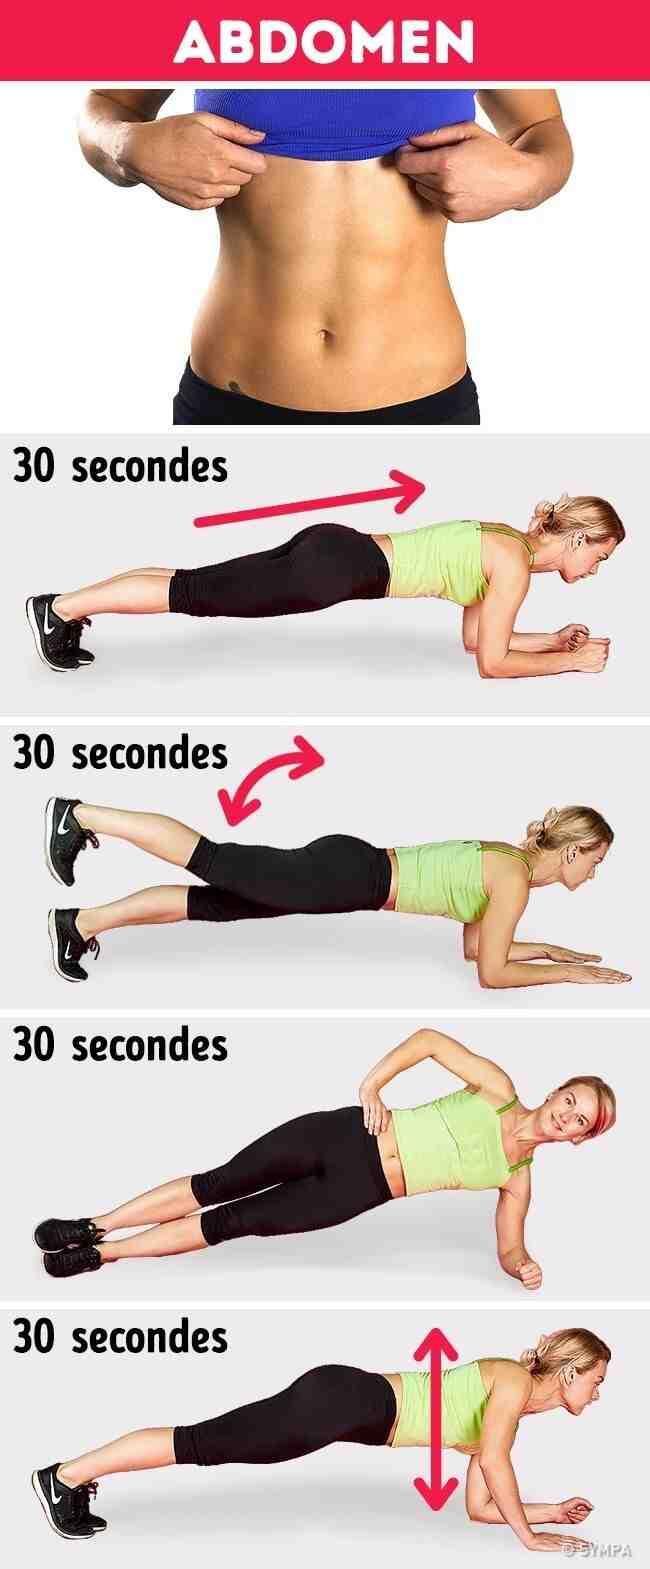 Comment faire la planche ABS?